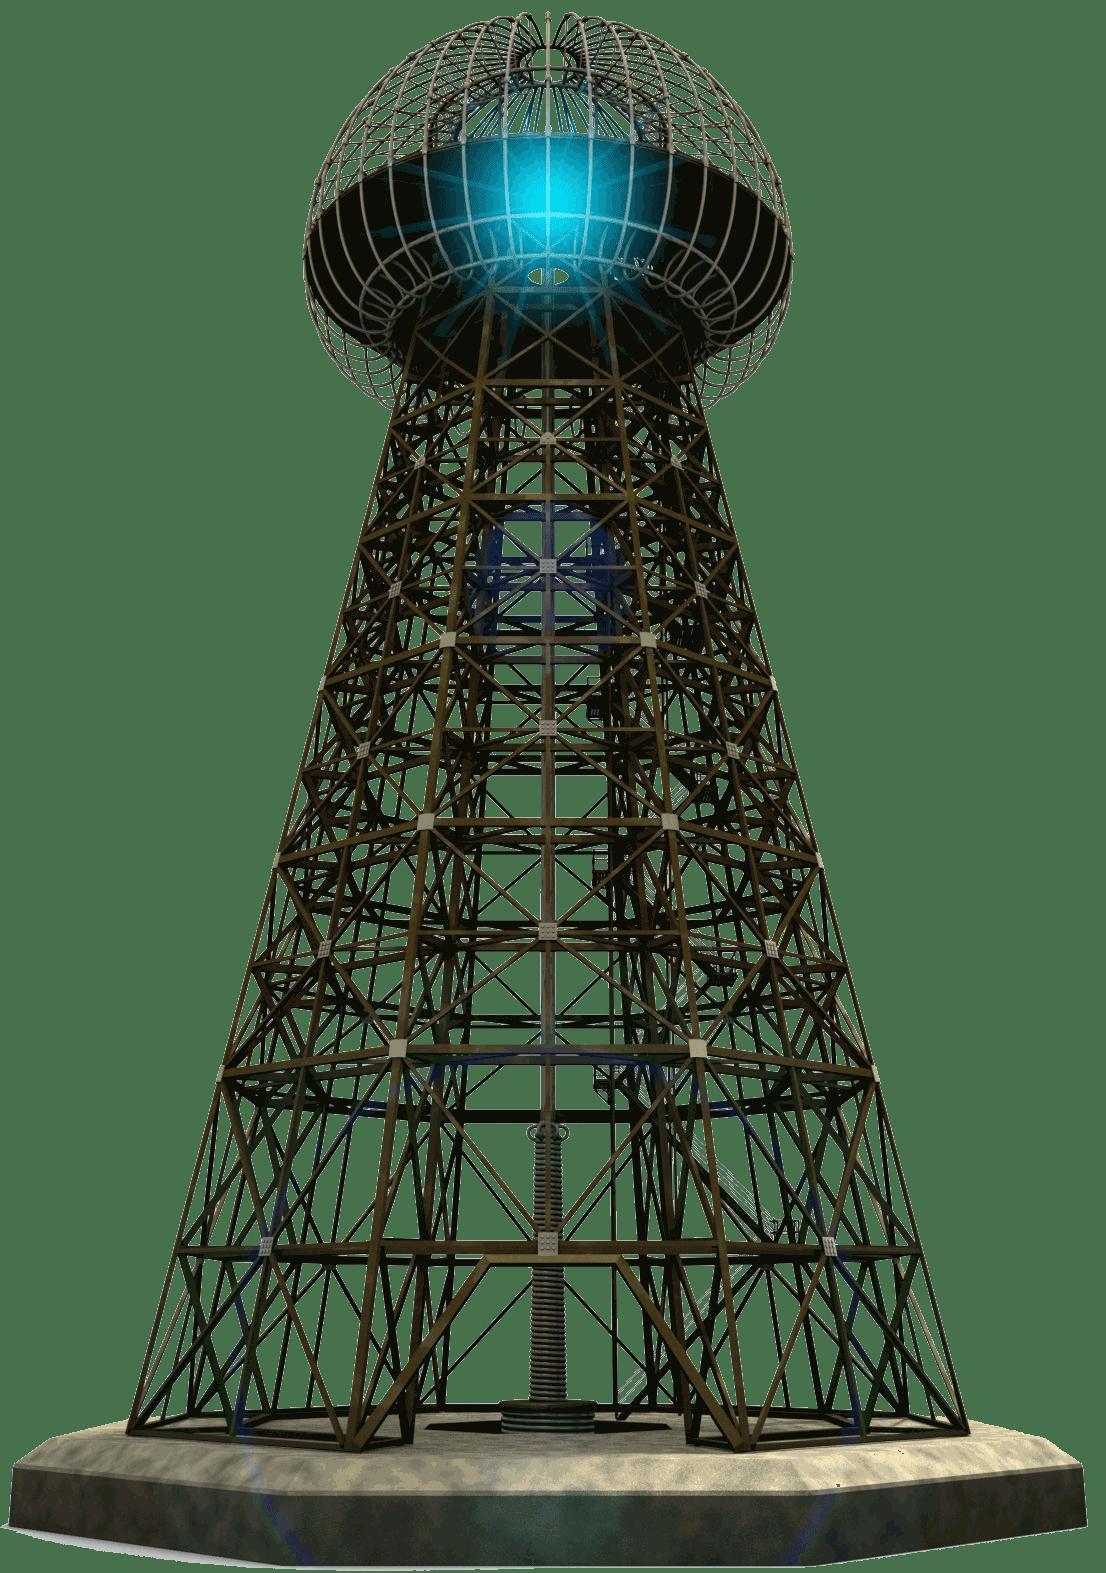 torre-de-tesla-invento-para-proveer-energia-a-distancia